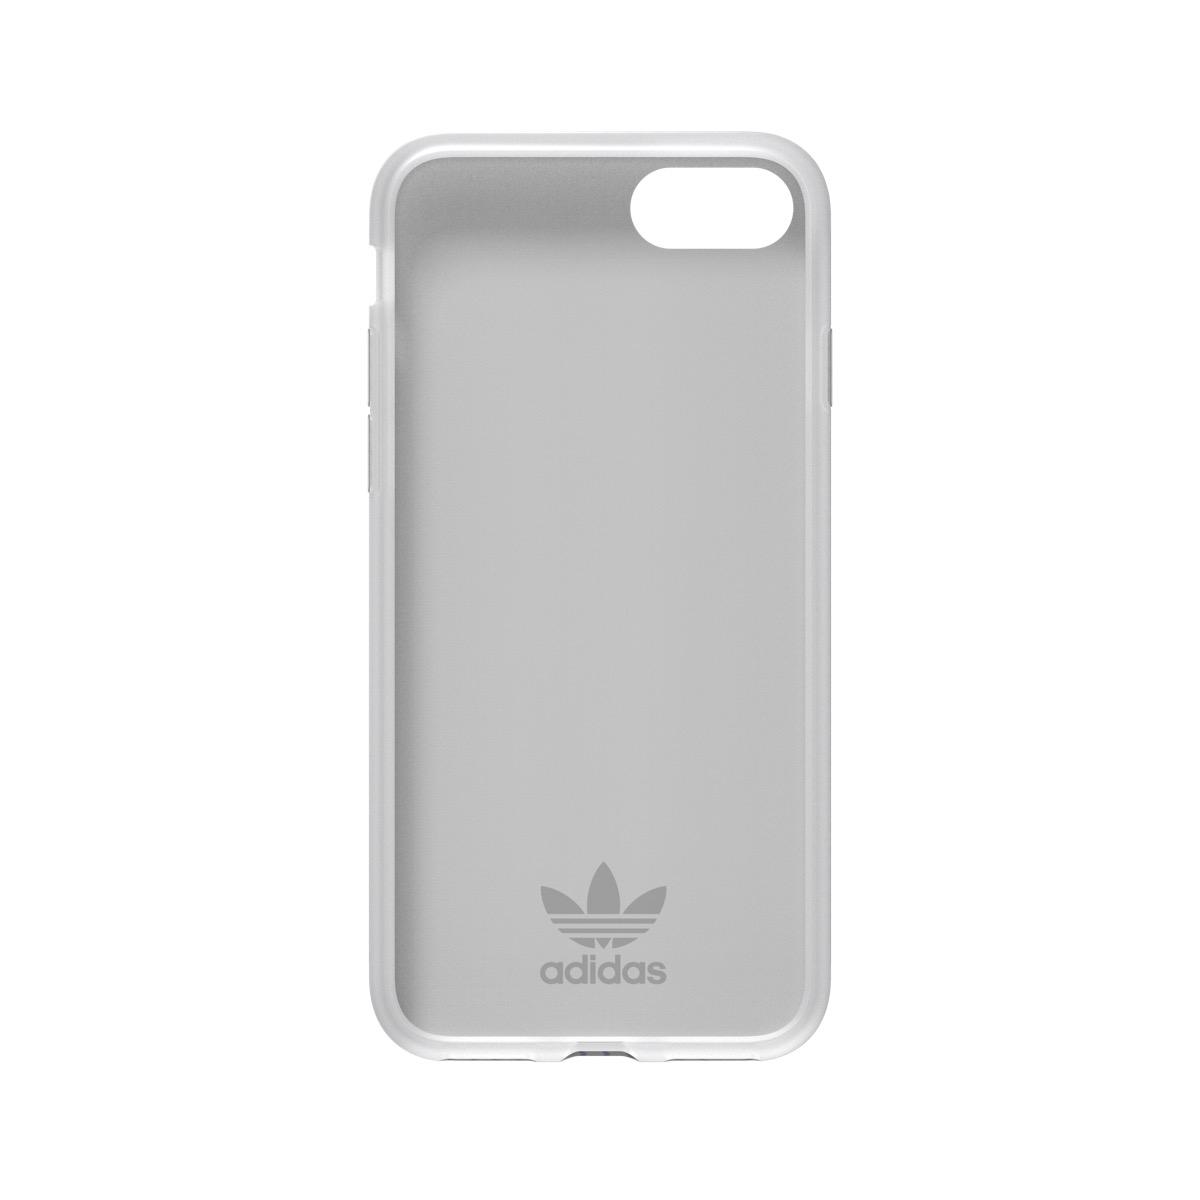 4db213f805 iPhoneケース海外輸入ブランド商品|株式会社エム・エス・シー ページ ...